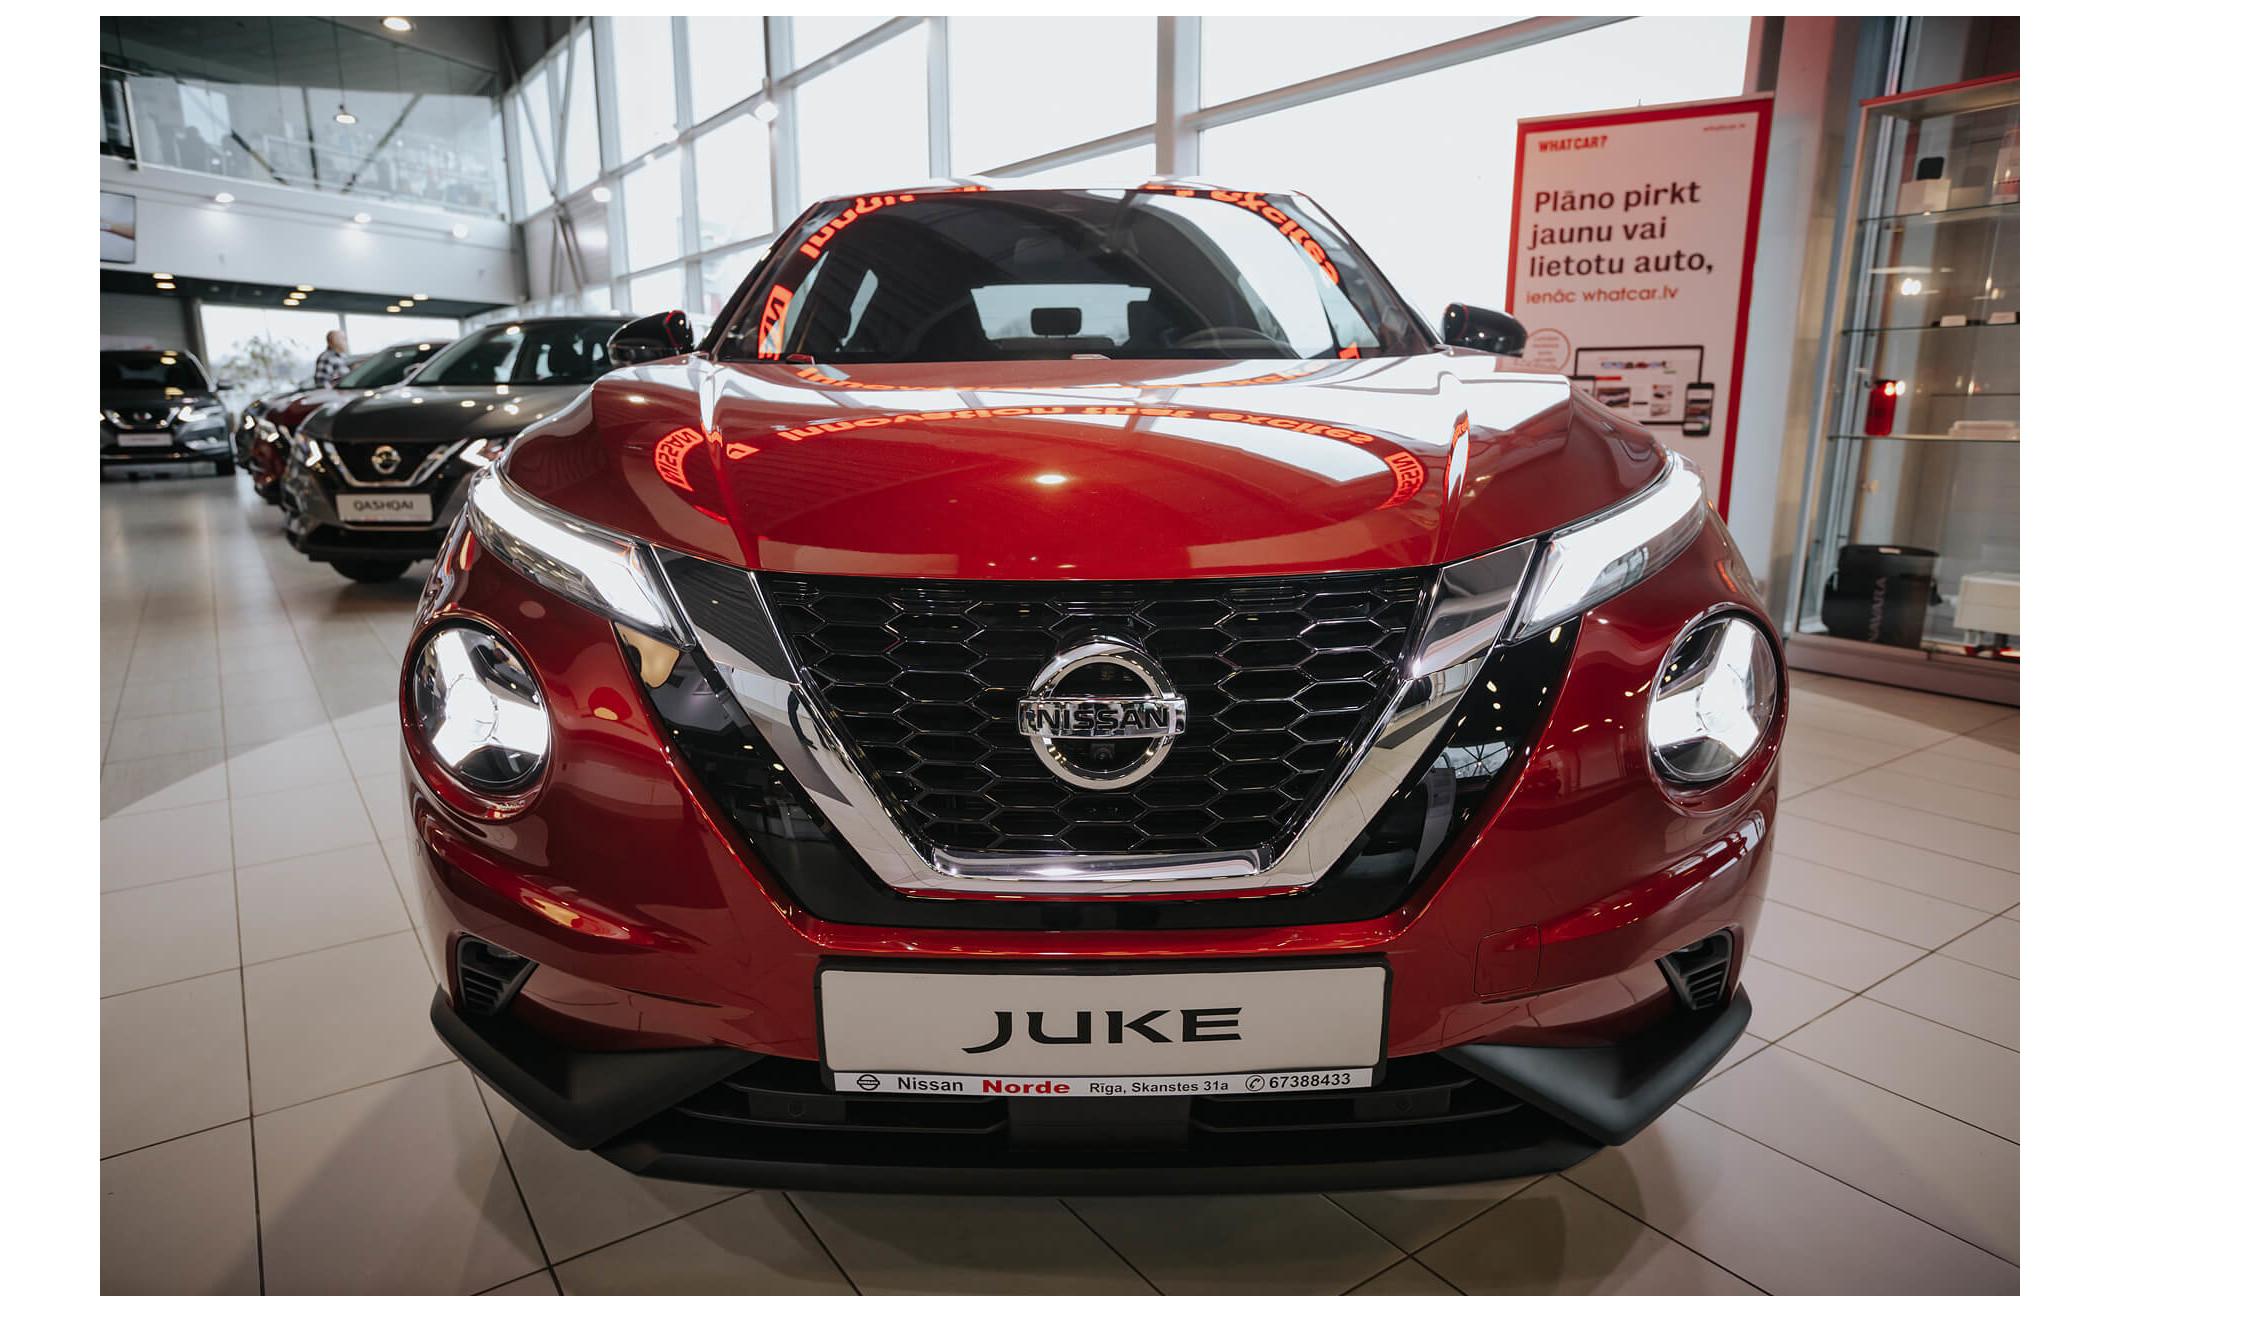 Nissan Juke: vērtē Whatcar.lv lasītāji